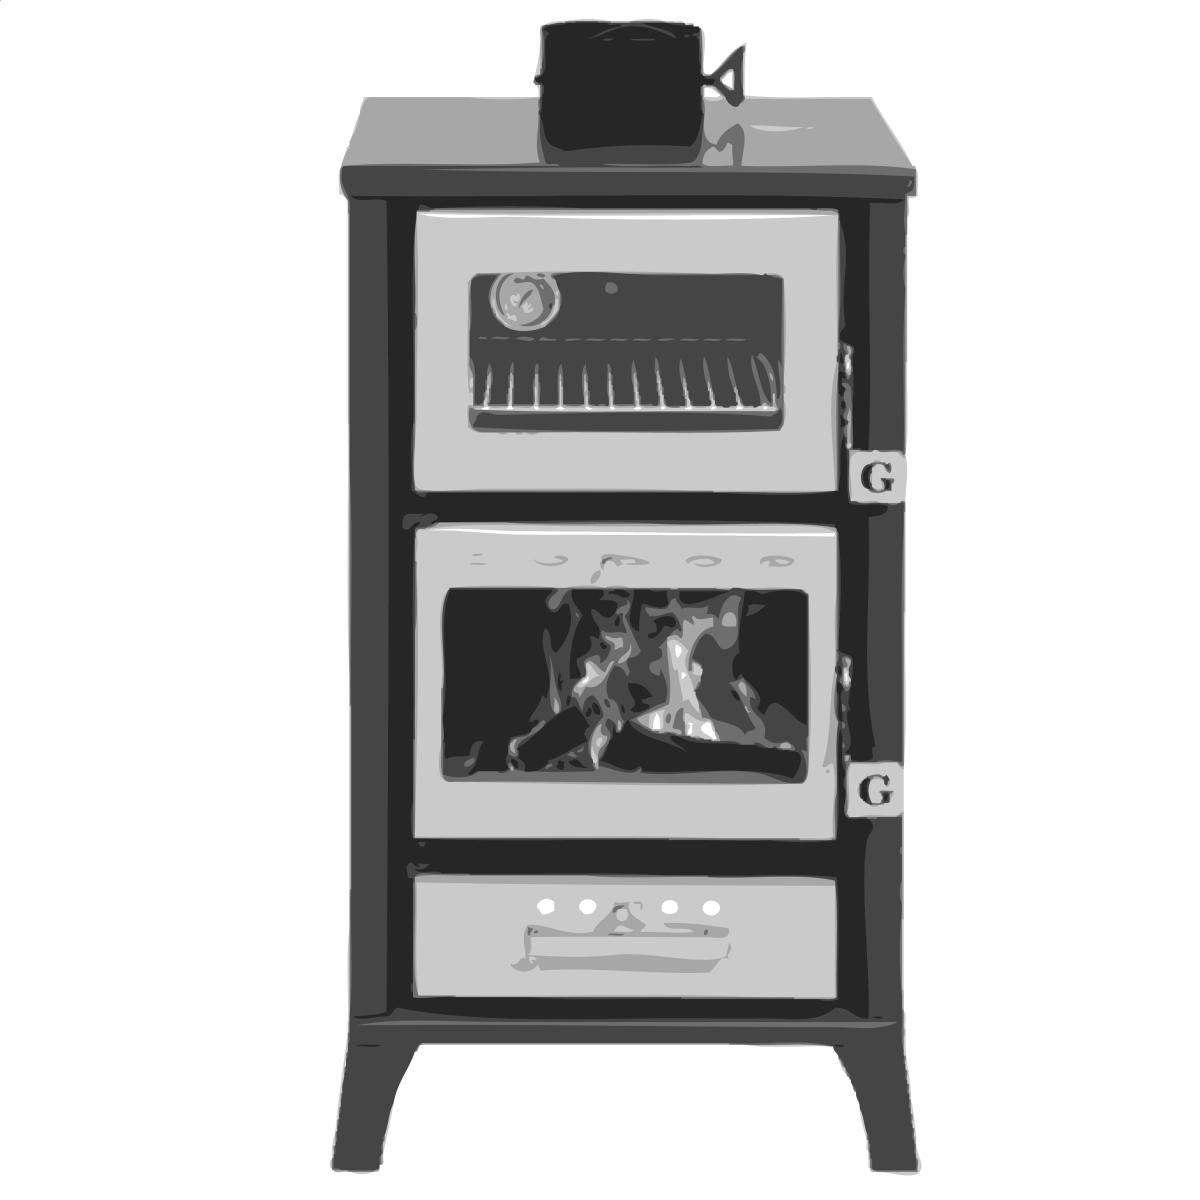 small-wood-cookstove